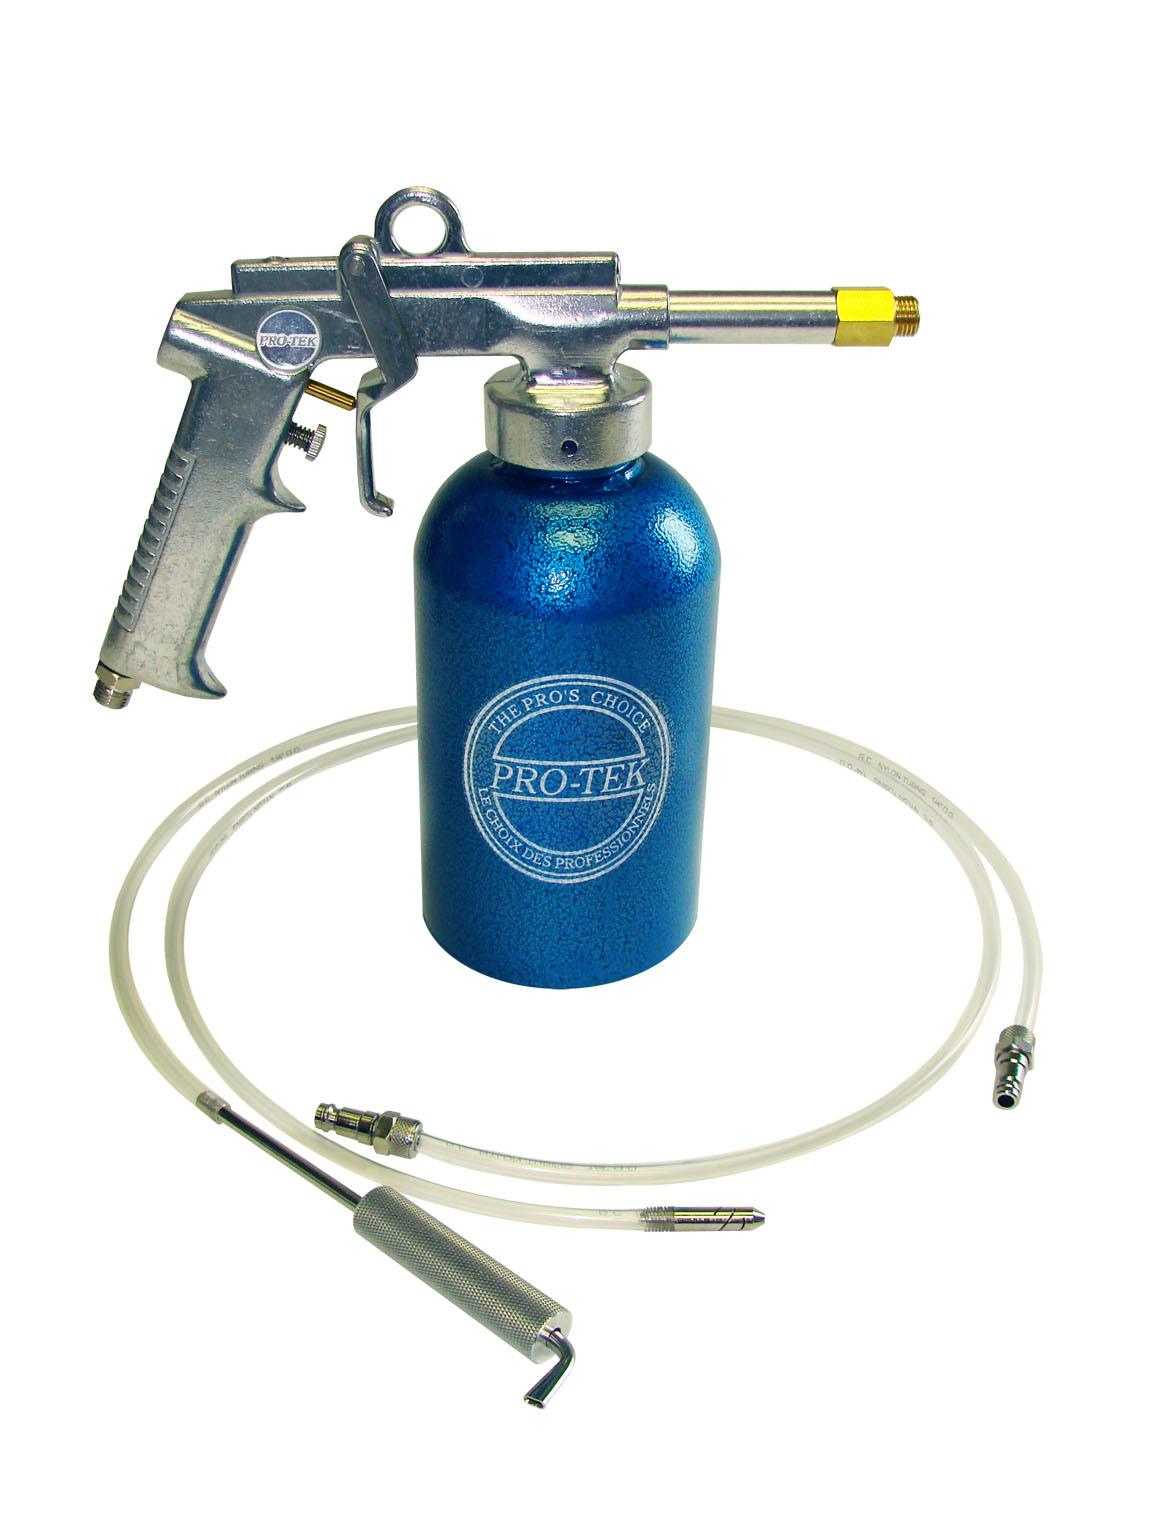 Undercoating Gun Amp Cup Pro Teksprayequipment Com